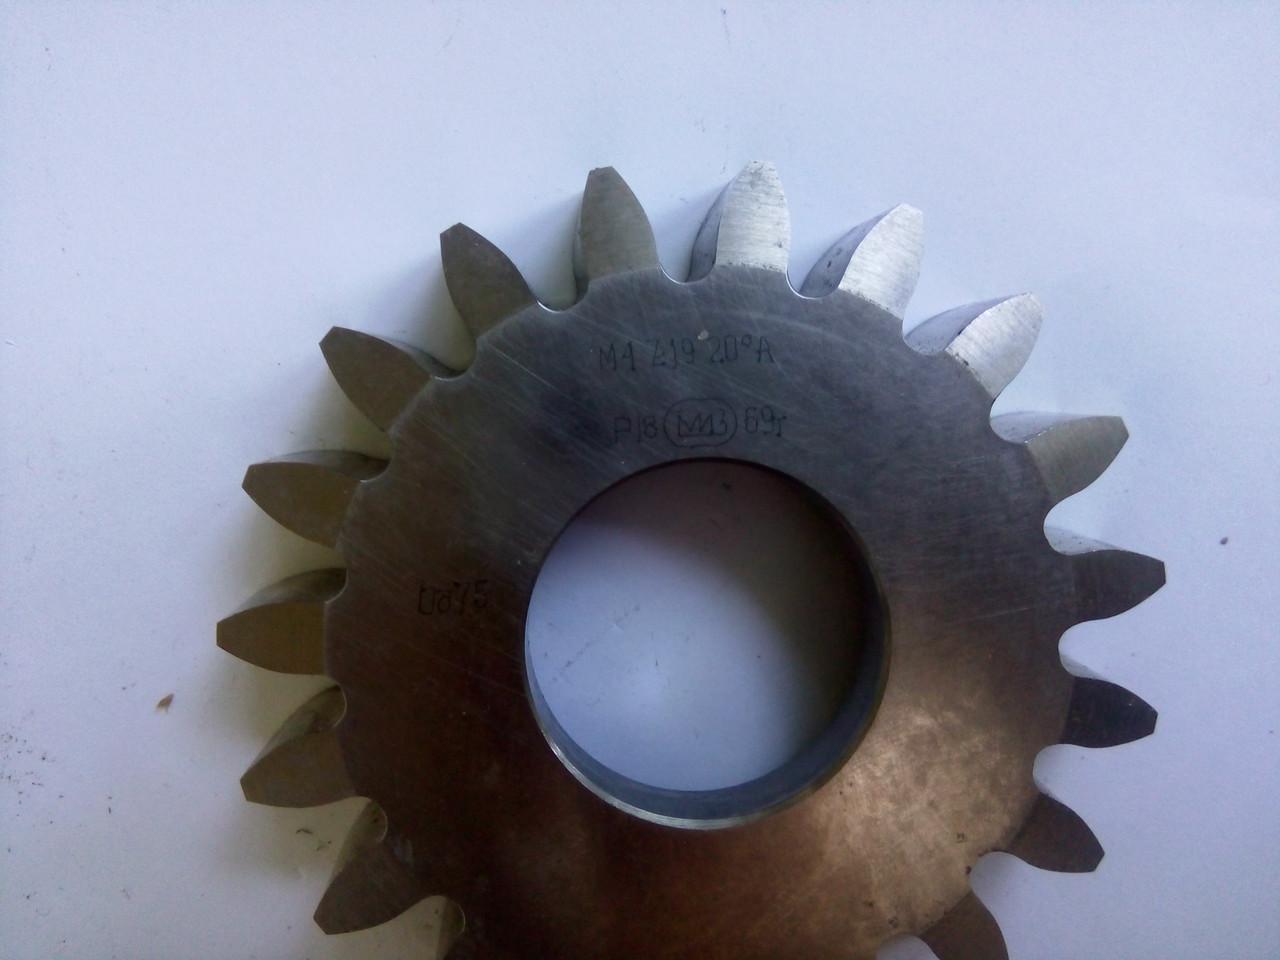 Долбяк дисковый М 4  z19 20 град.  P18 дел. диаметр 75